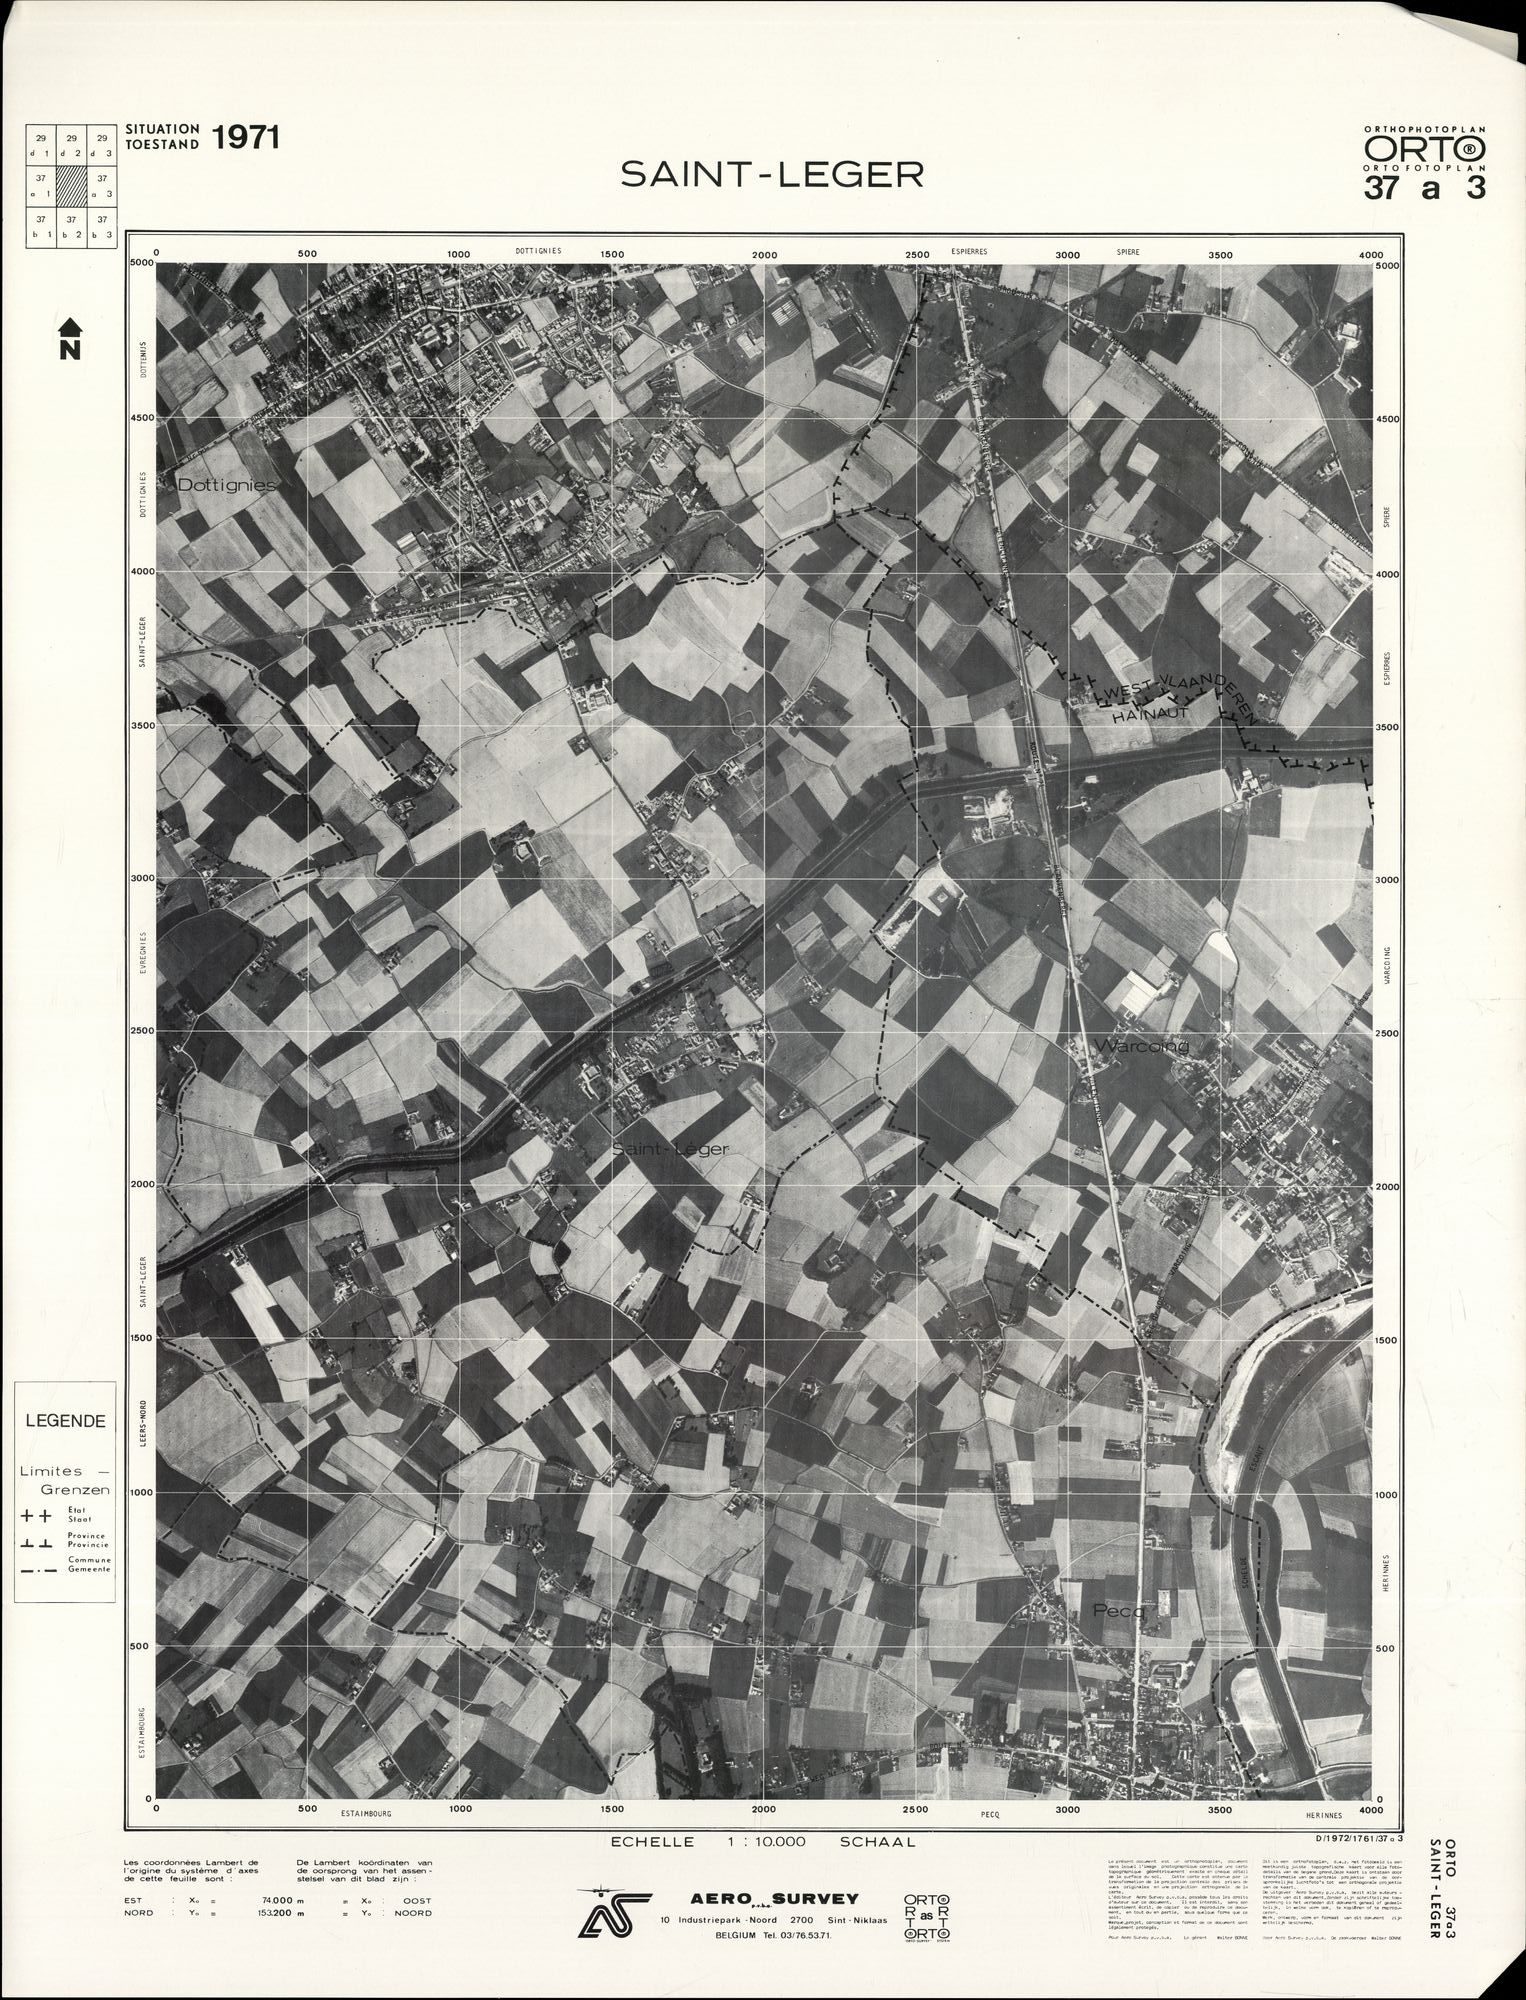 Luchtfoto's van het zuiden van West- en Oost-Vlaanderen, 1971